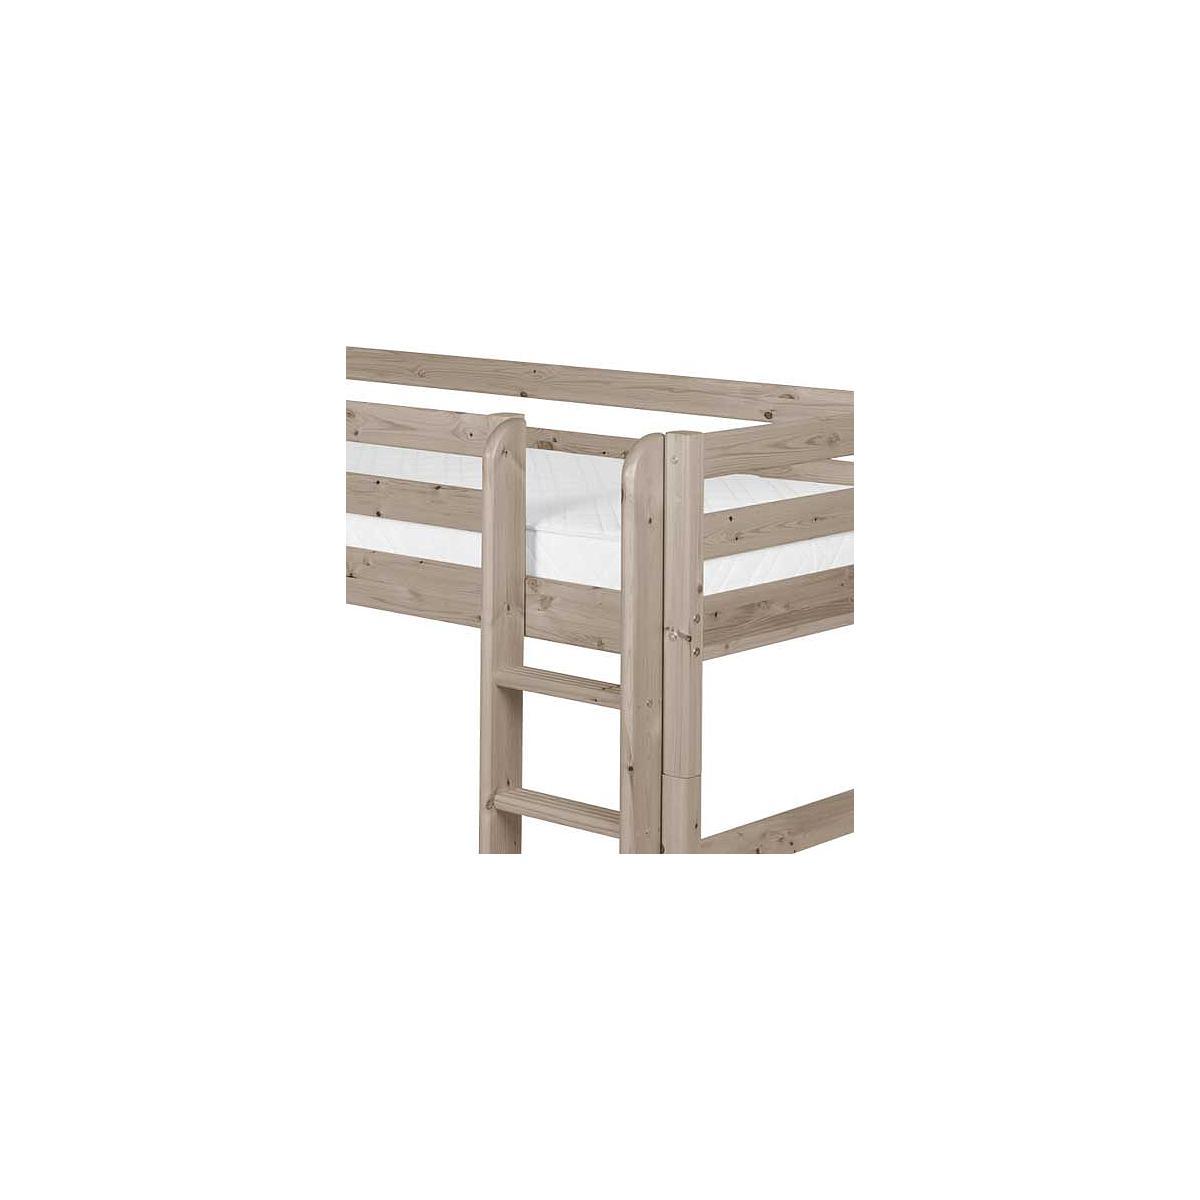 Cama semi alta 90x190 CLASSIC Flexa escalera recta terra